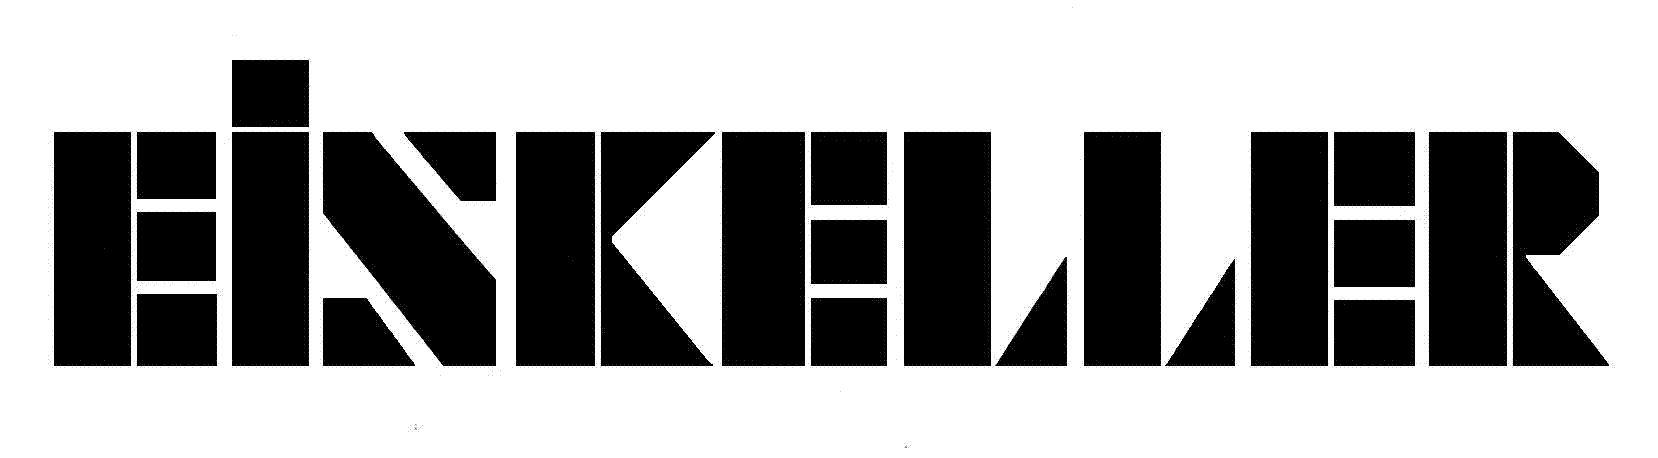 Eiskeller Logo